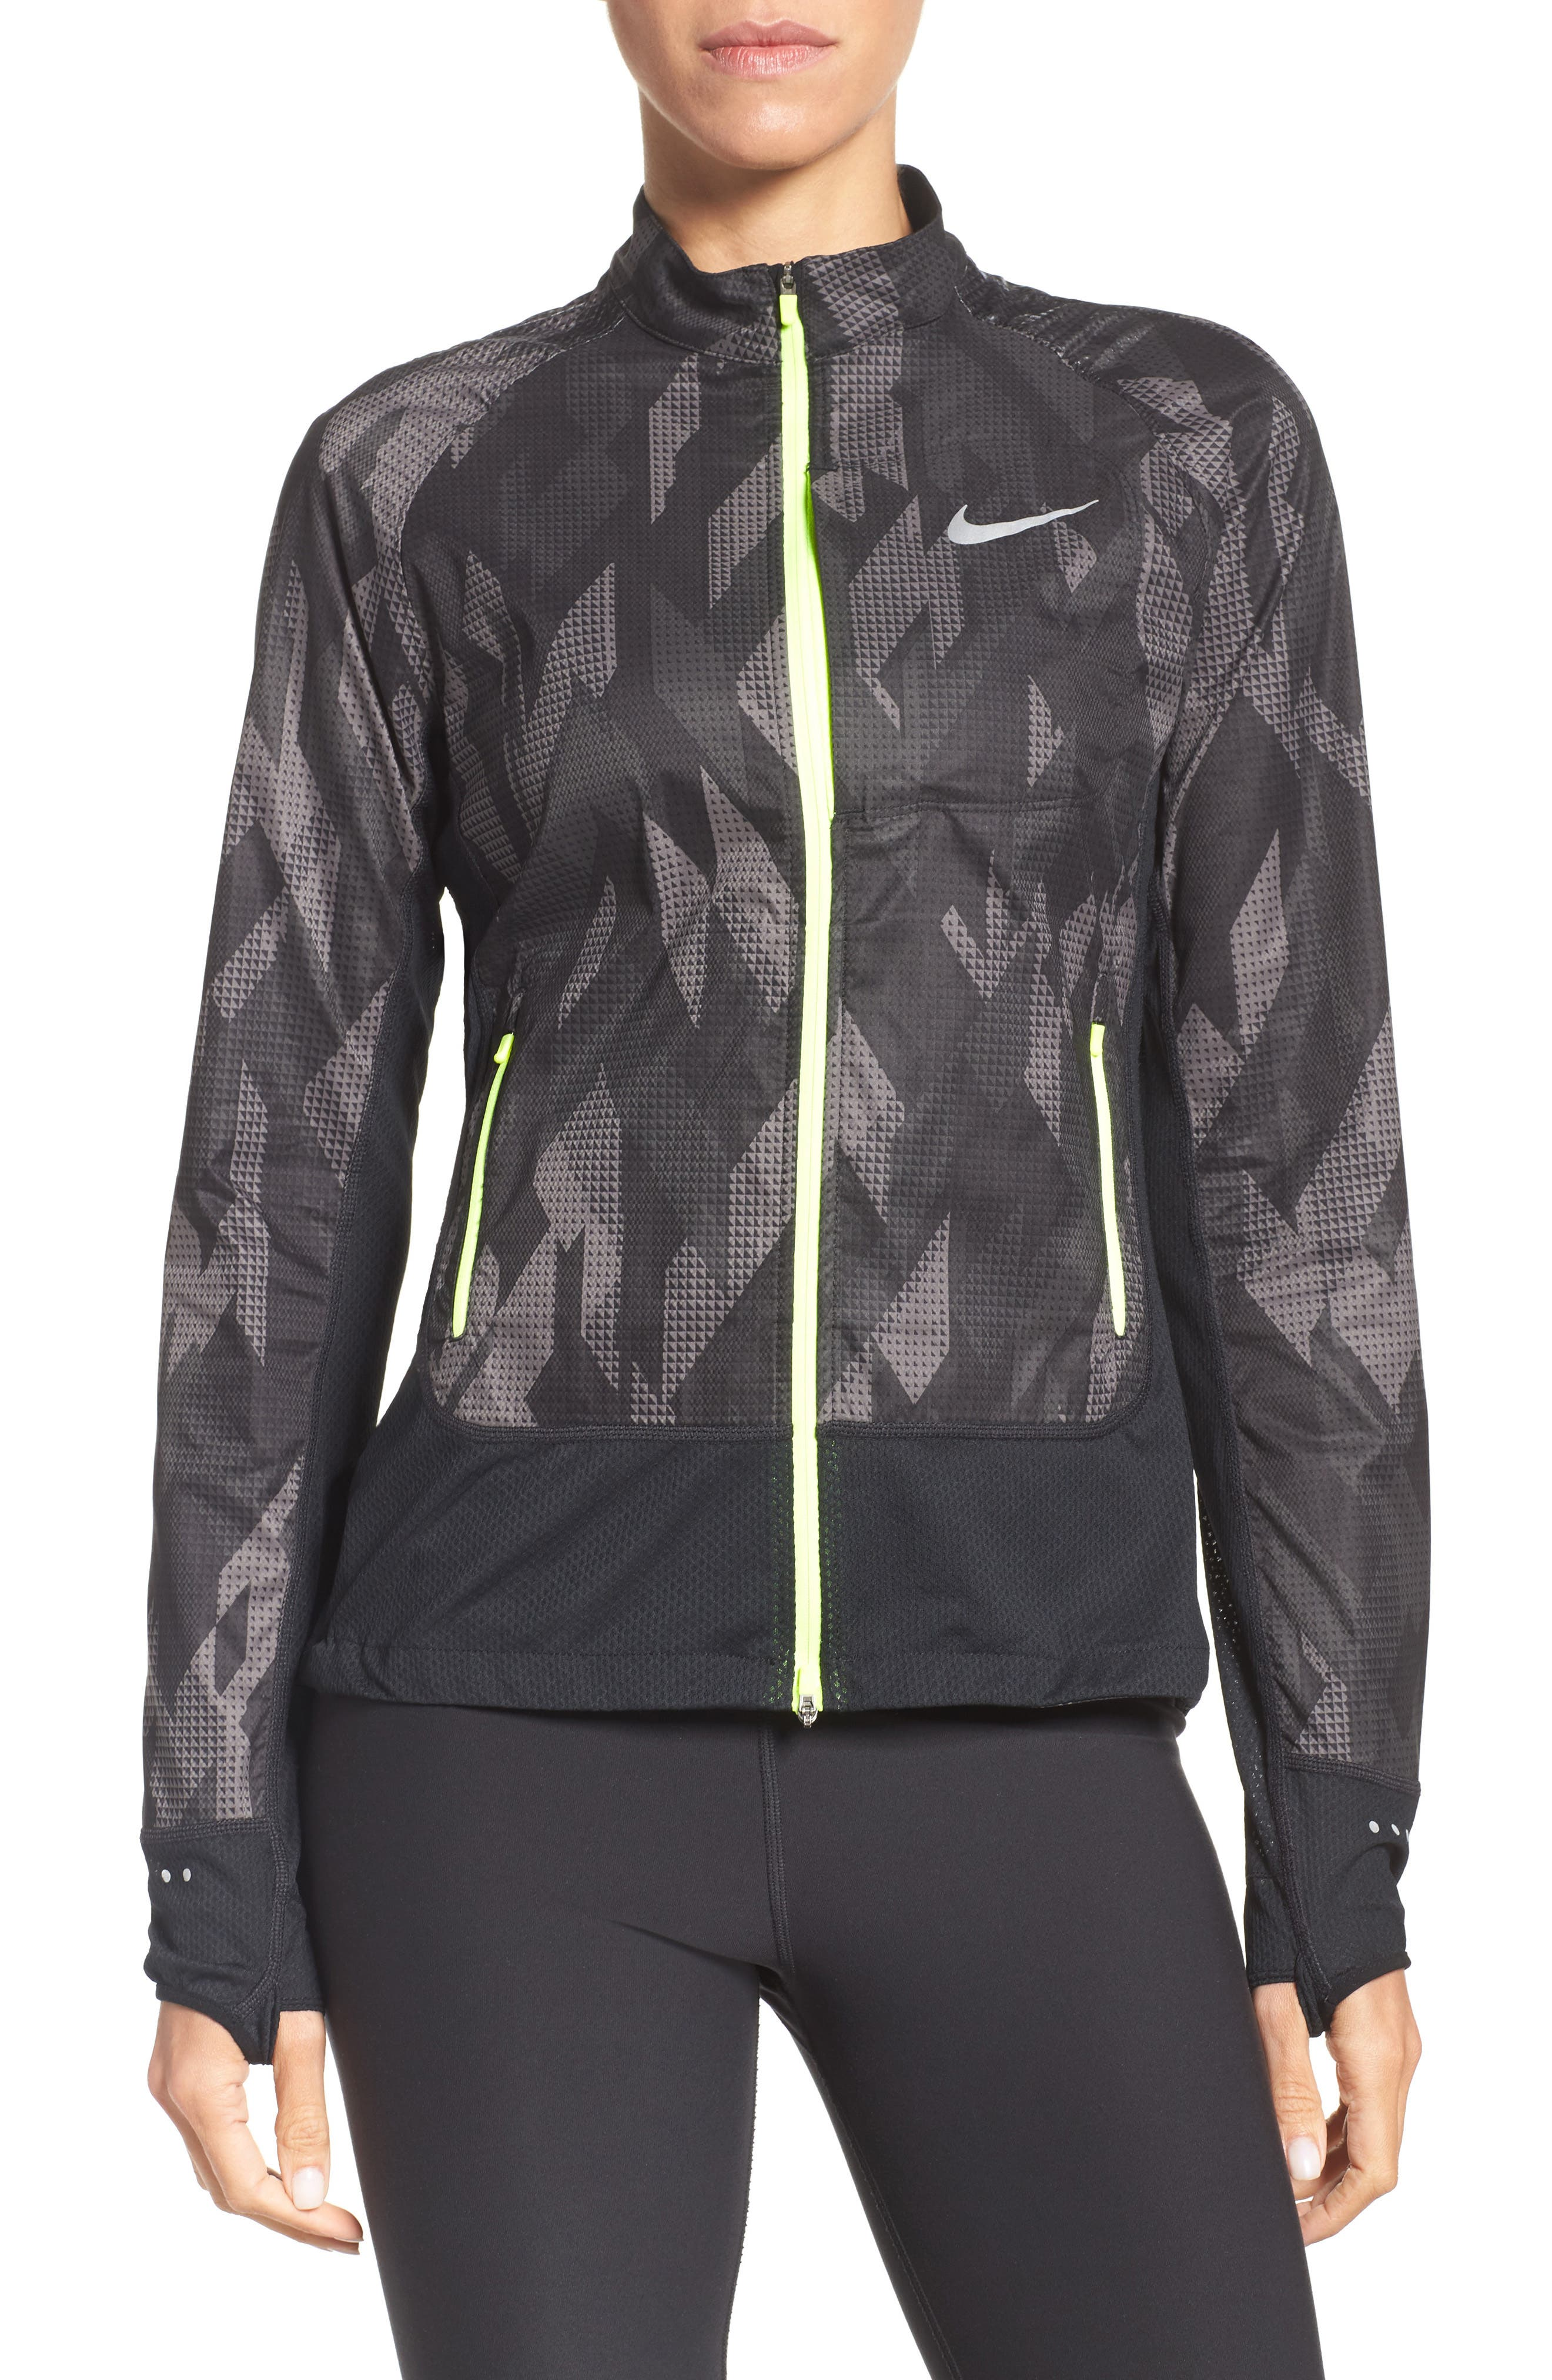 Flex Running Jacket,                         Main,                         color, 010